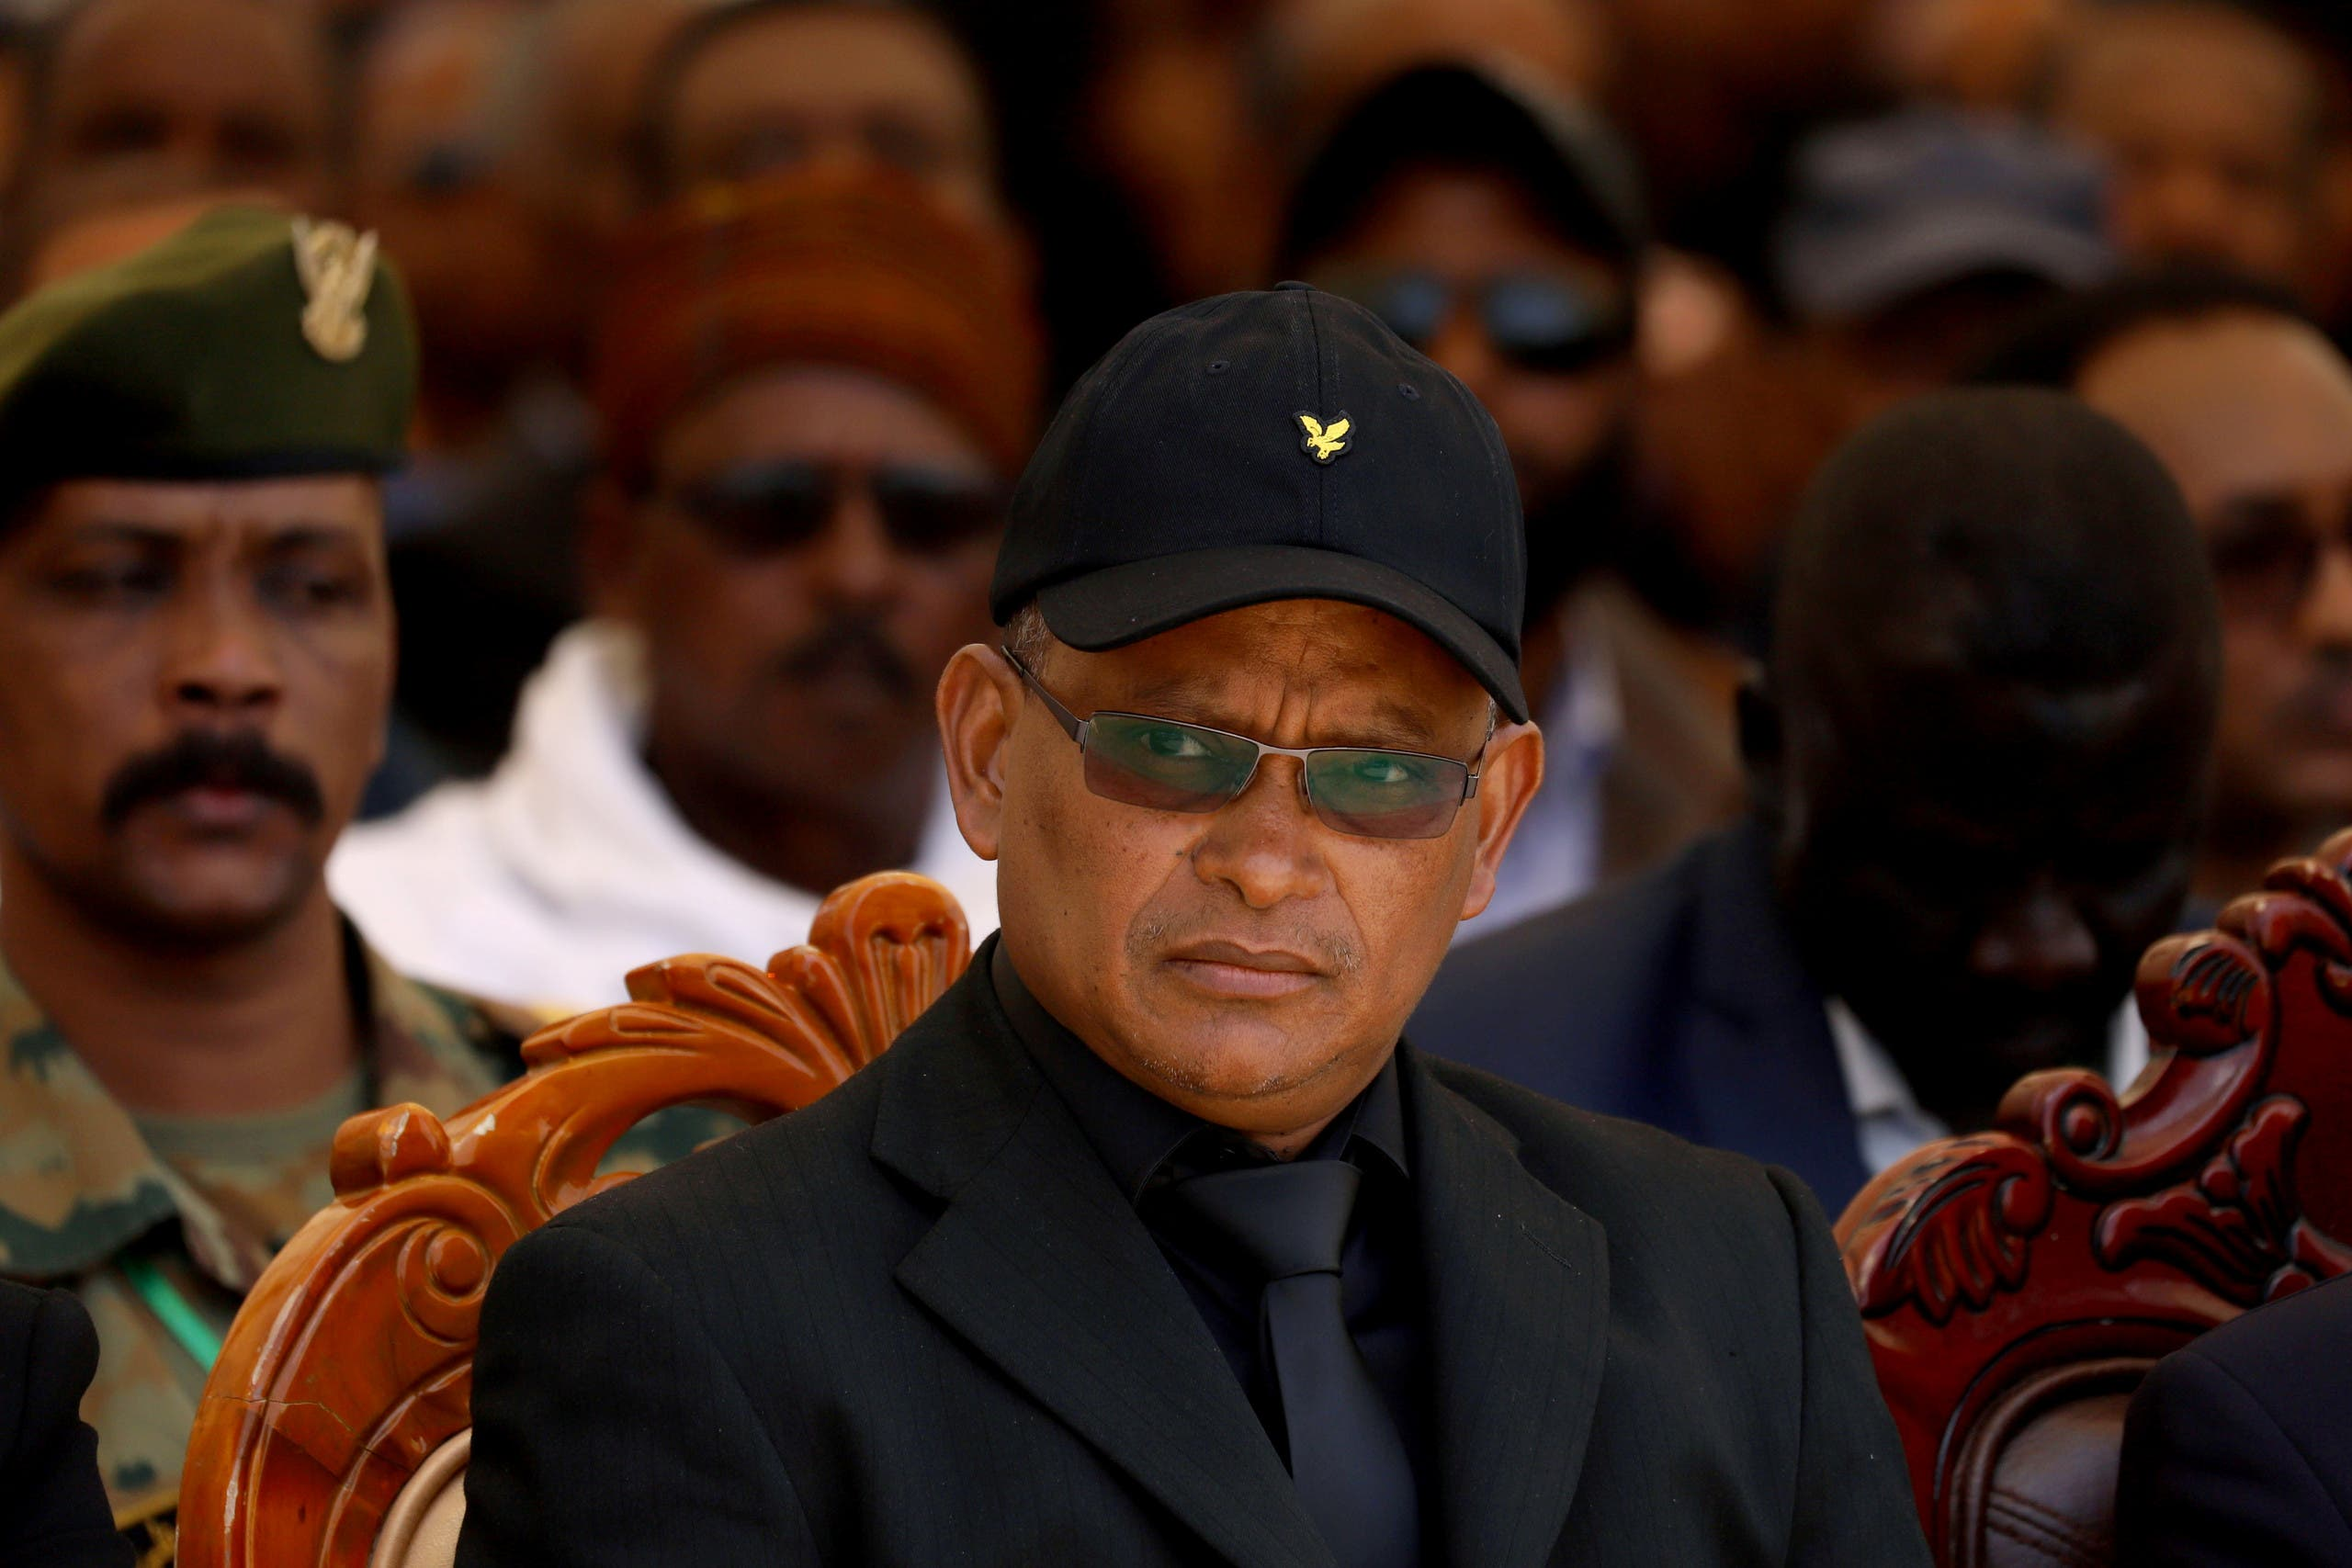 دبرصيون جبرمكئيل زعيم الجبهة الشعبية لتحرير تيغراي